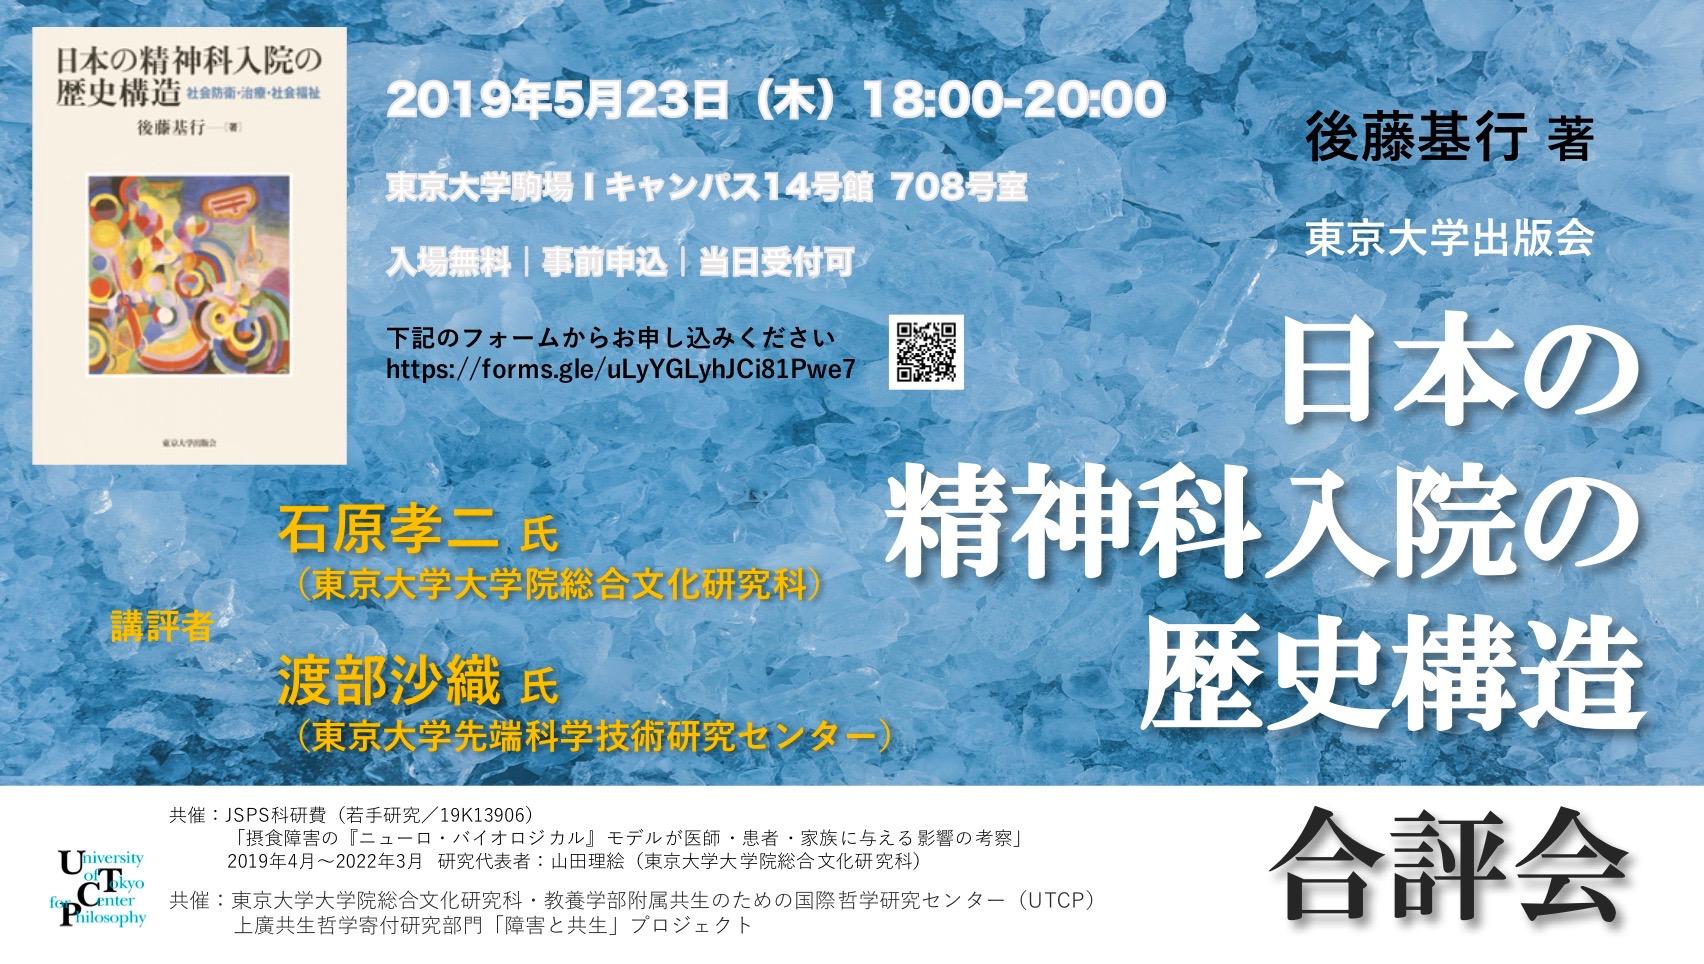 20190523_gotoh_poster.jpg